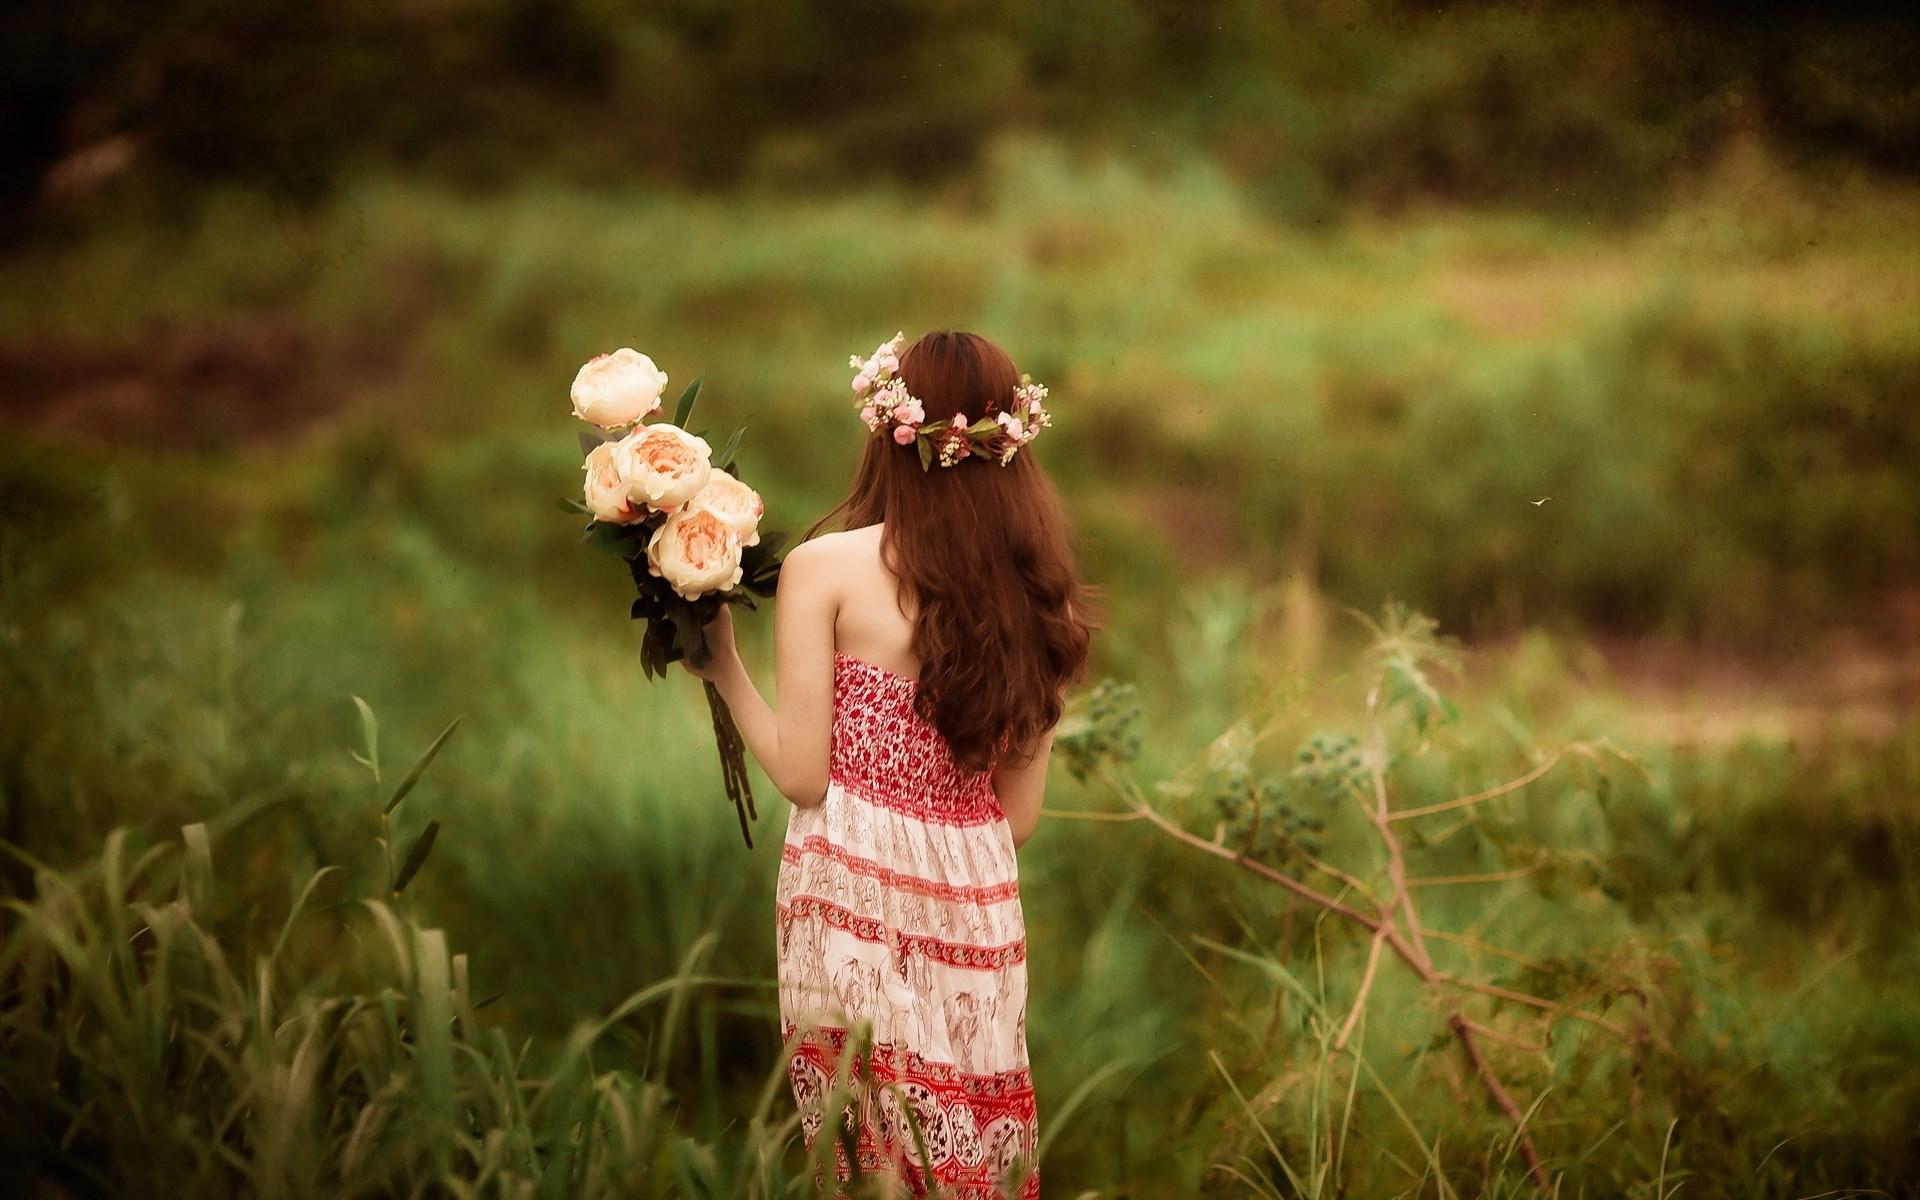 lovely girl mood wallpaper 42744